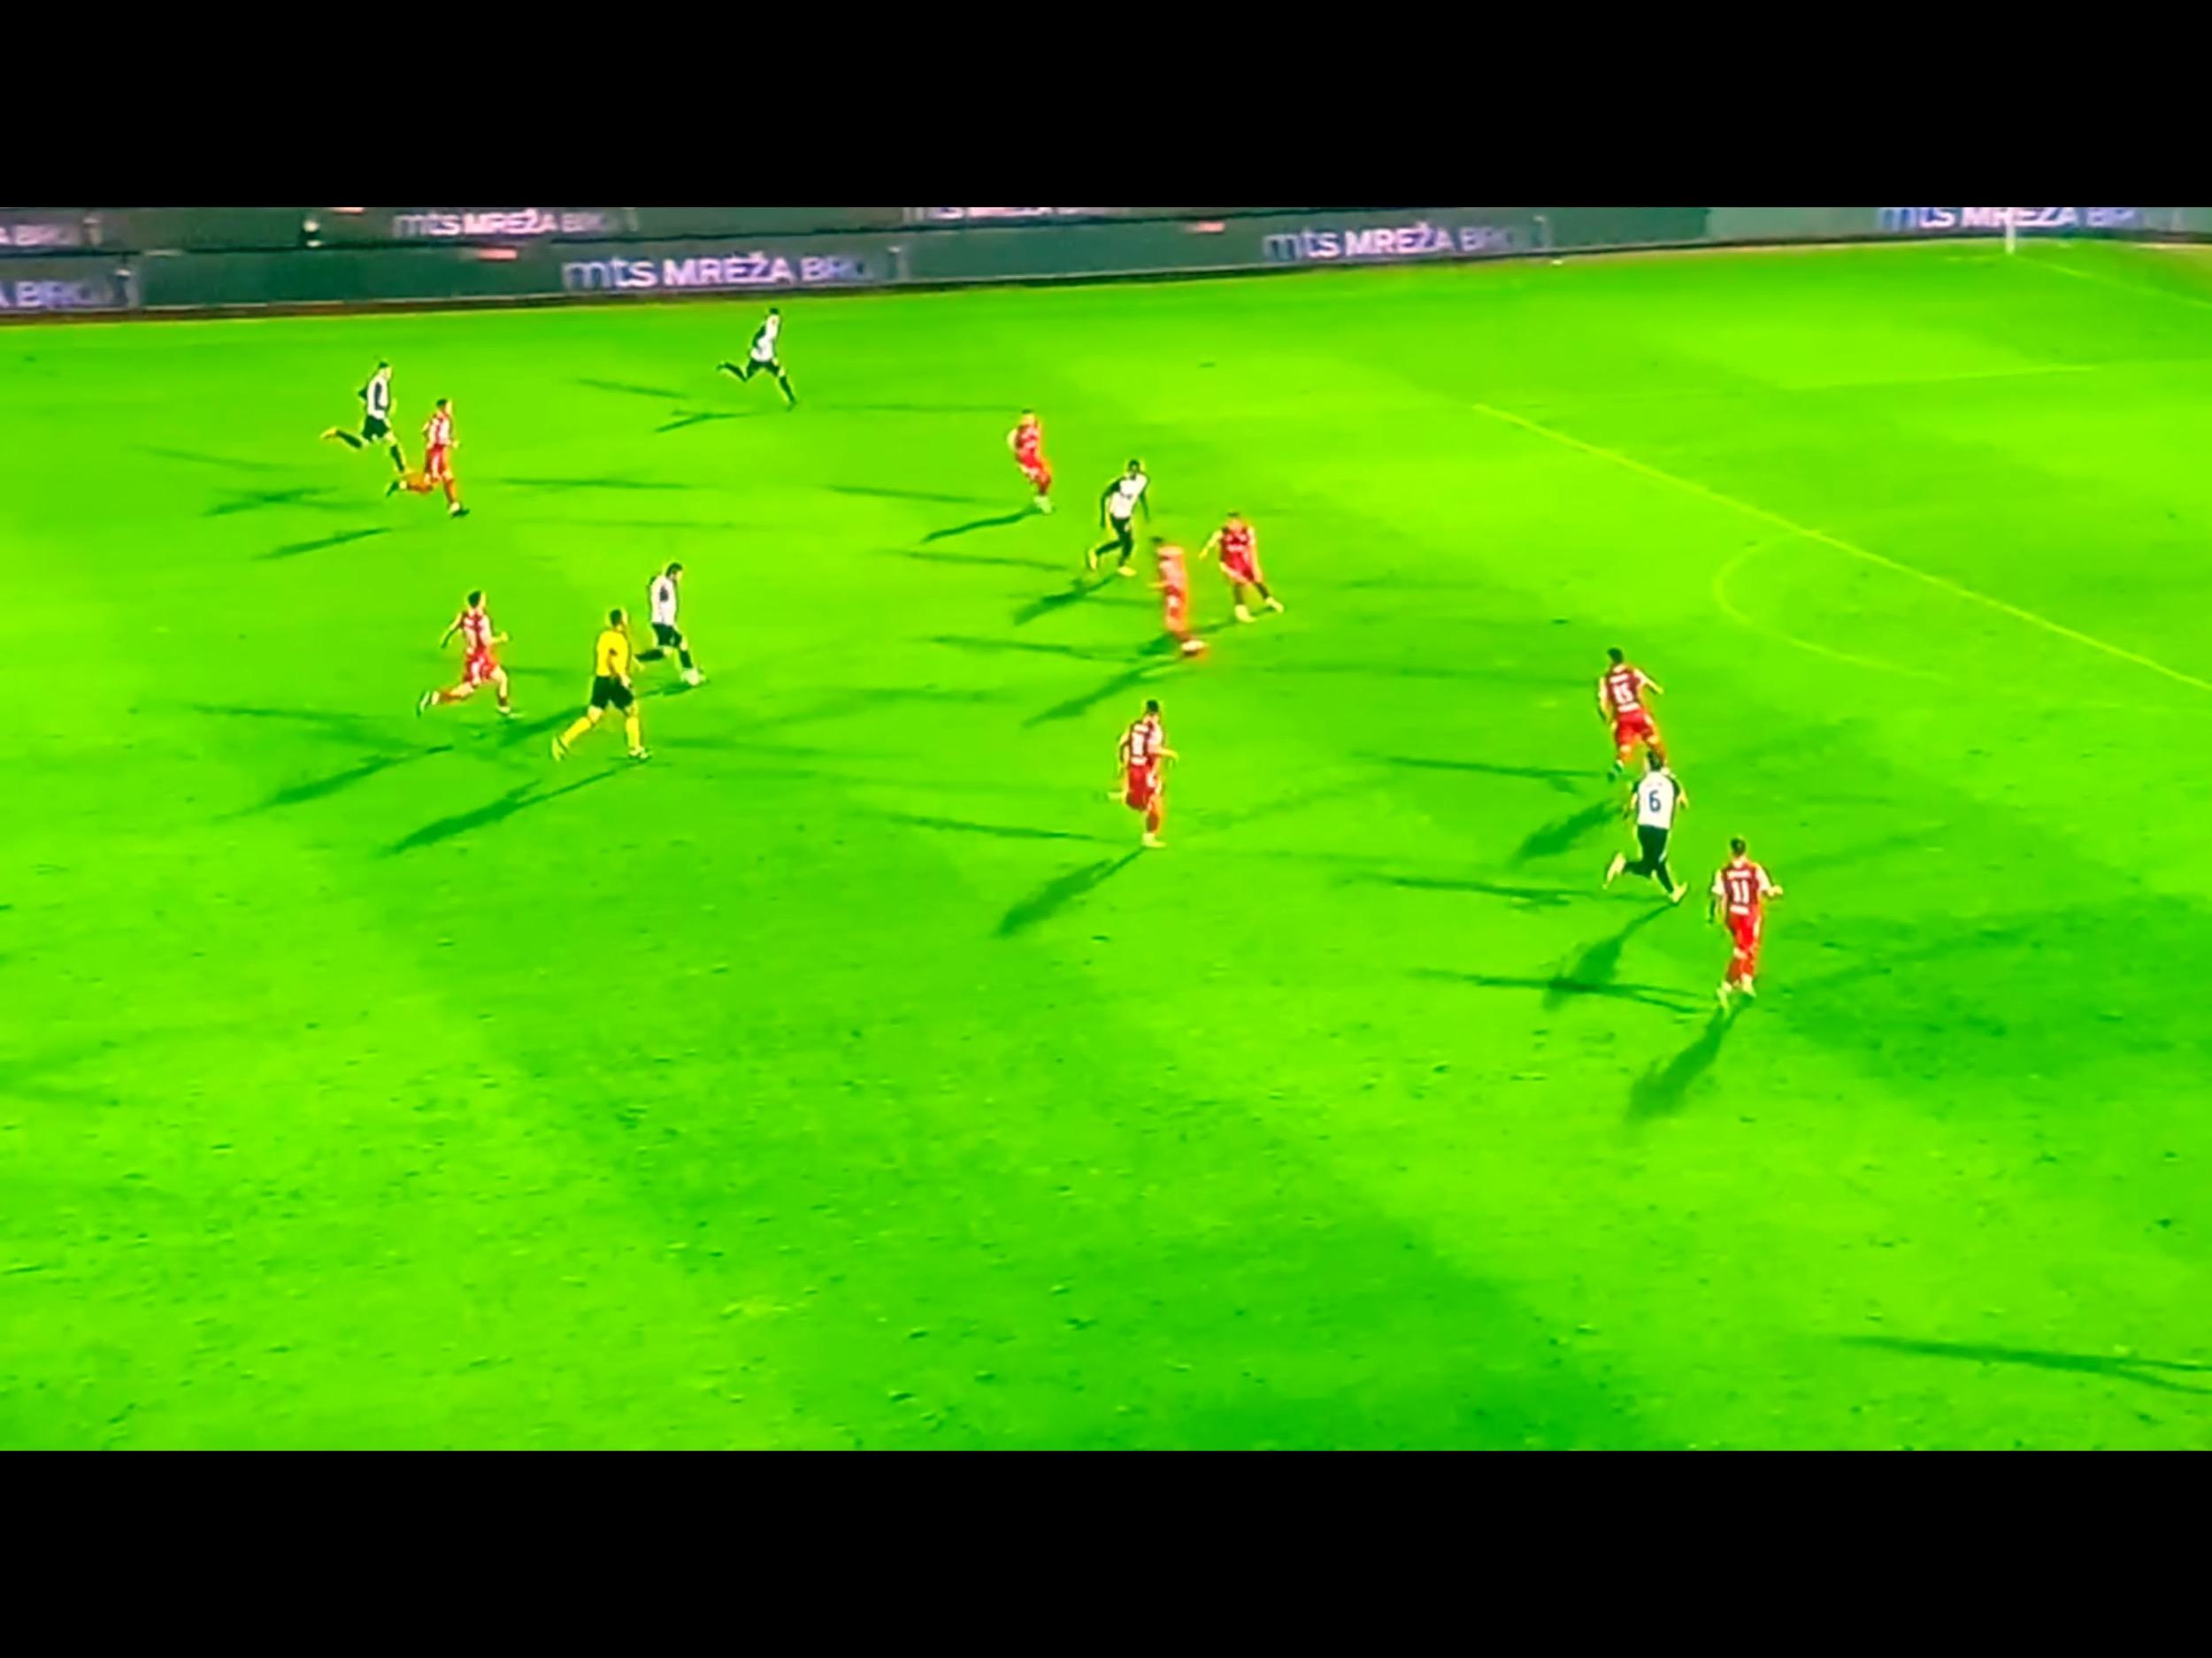 Izveštaj: Partizan-Radnički Niš 4:0. Nepodnošljiva lakoća postojanja normalnog desnog beka (VIDEO)